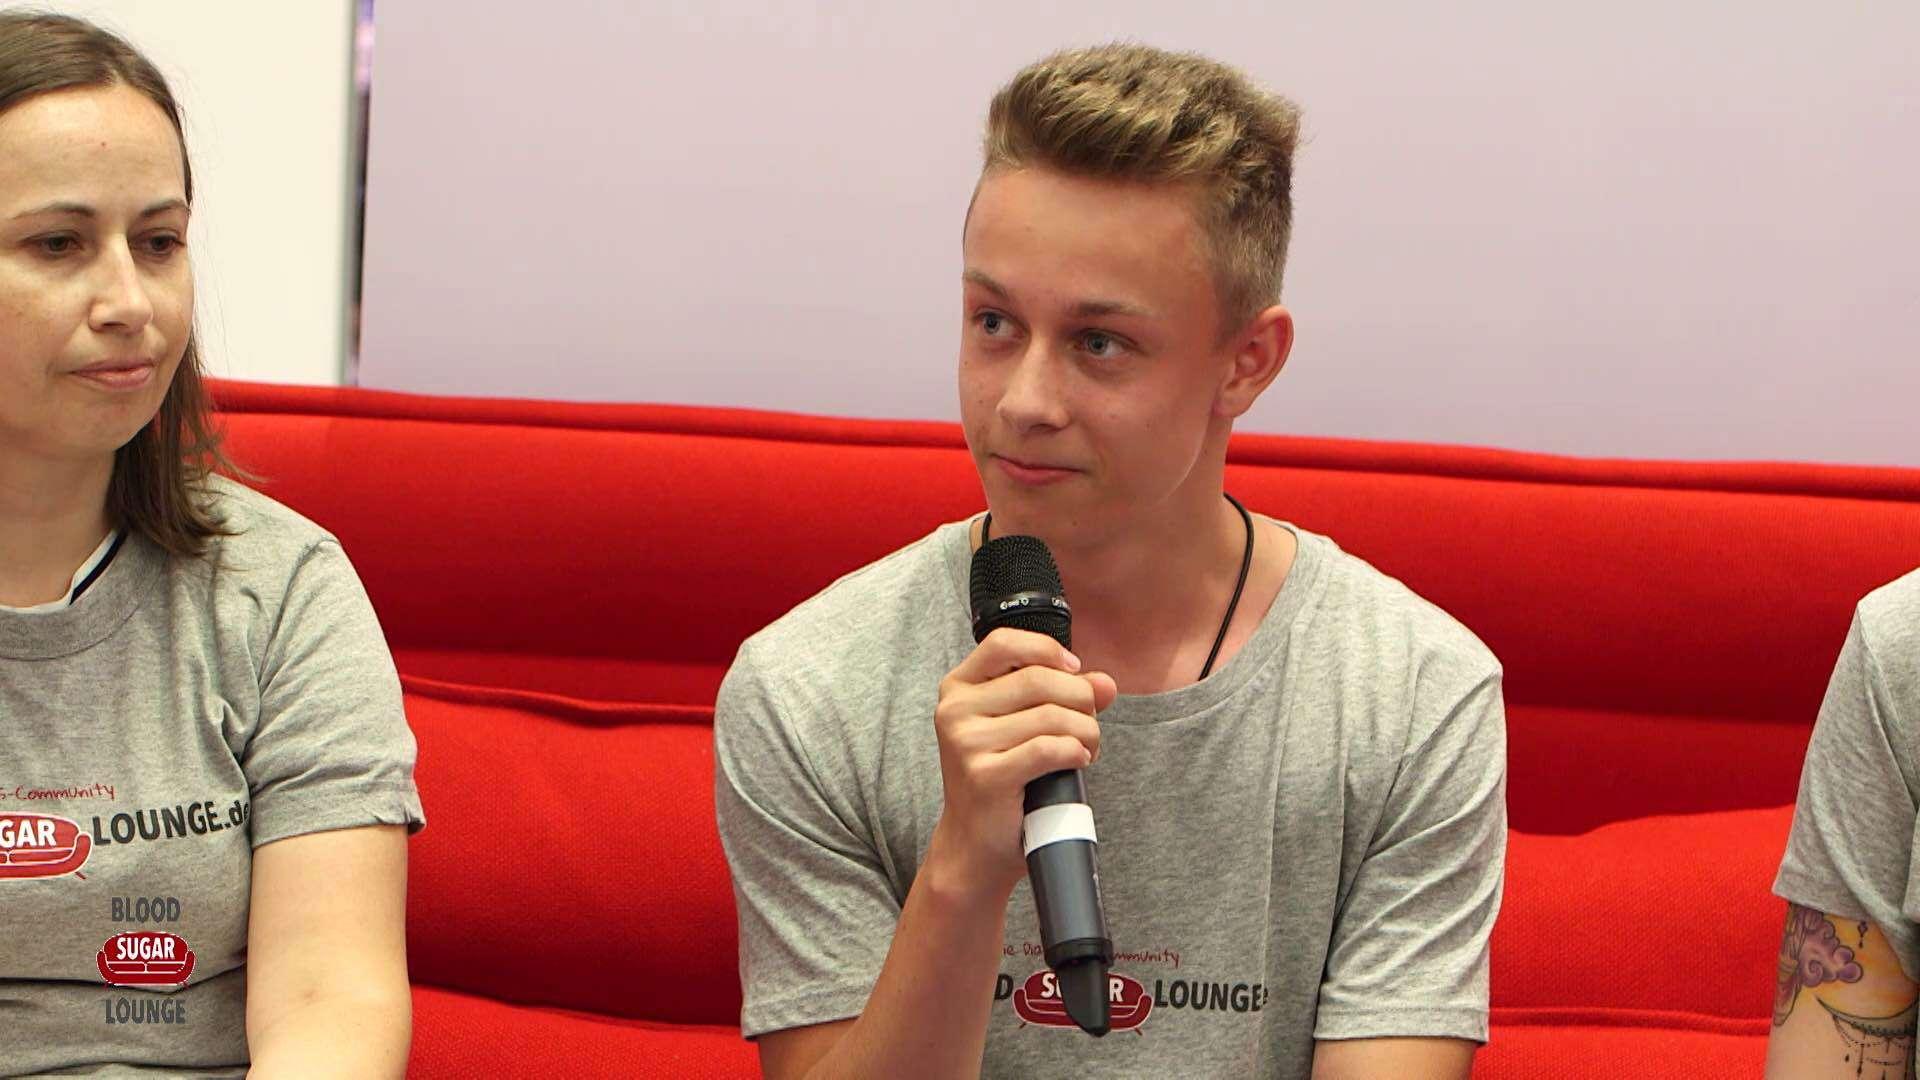 Ein junger Mensch wird auf einem Diabetes-Event interviewt